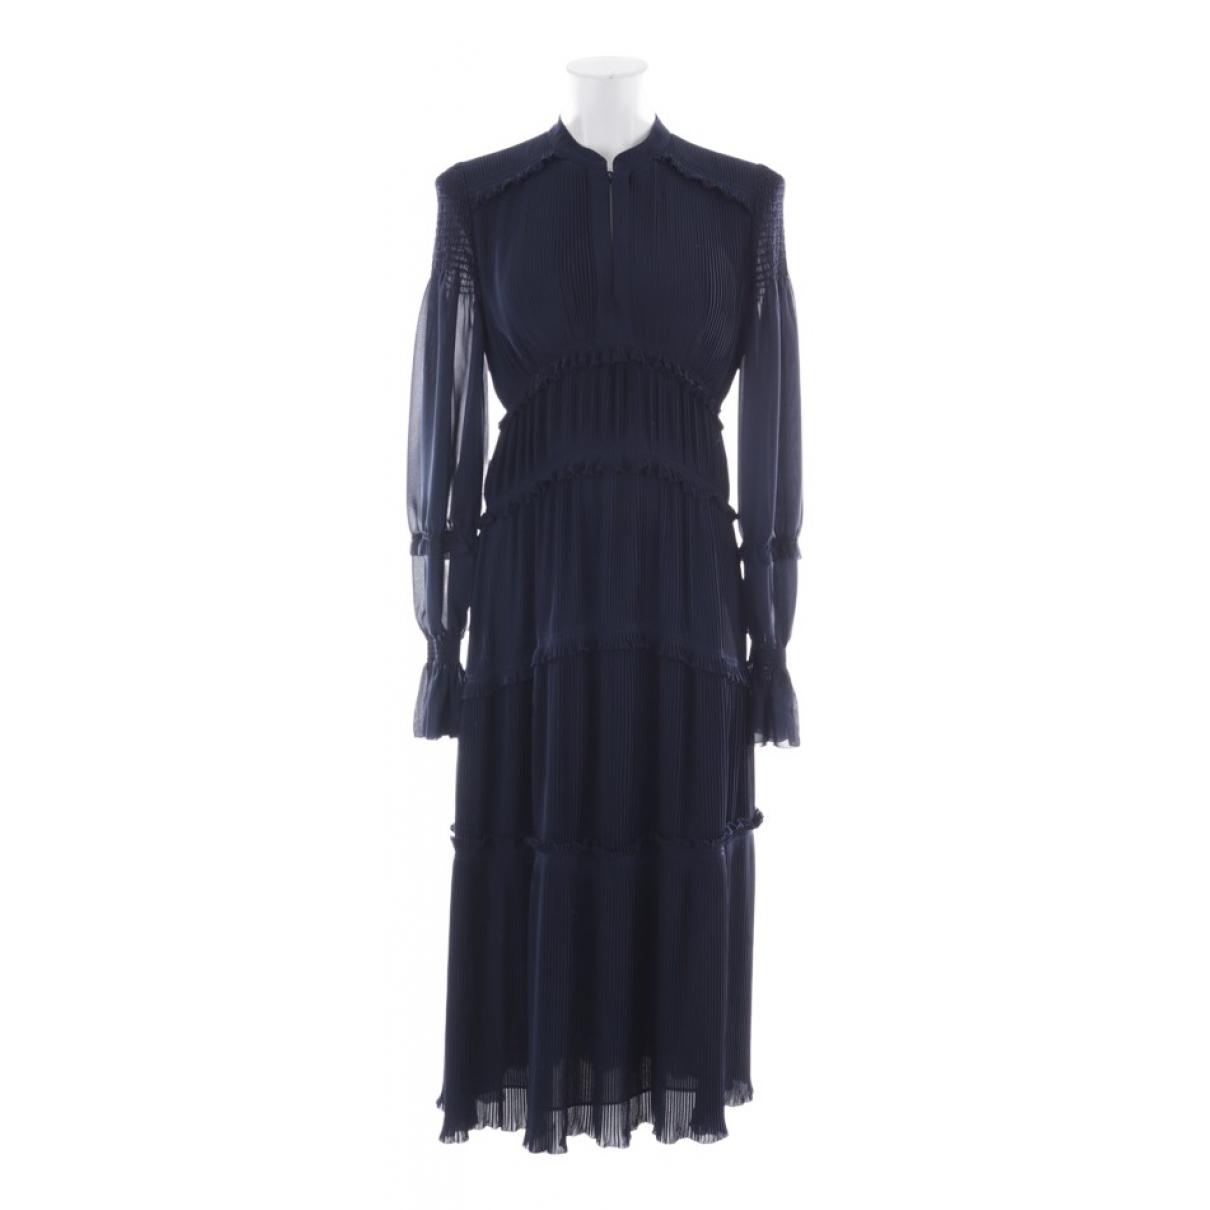 Tory Burch \N Kleid in  Blau Synthetik